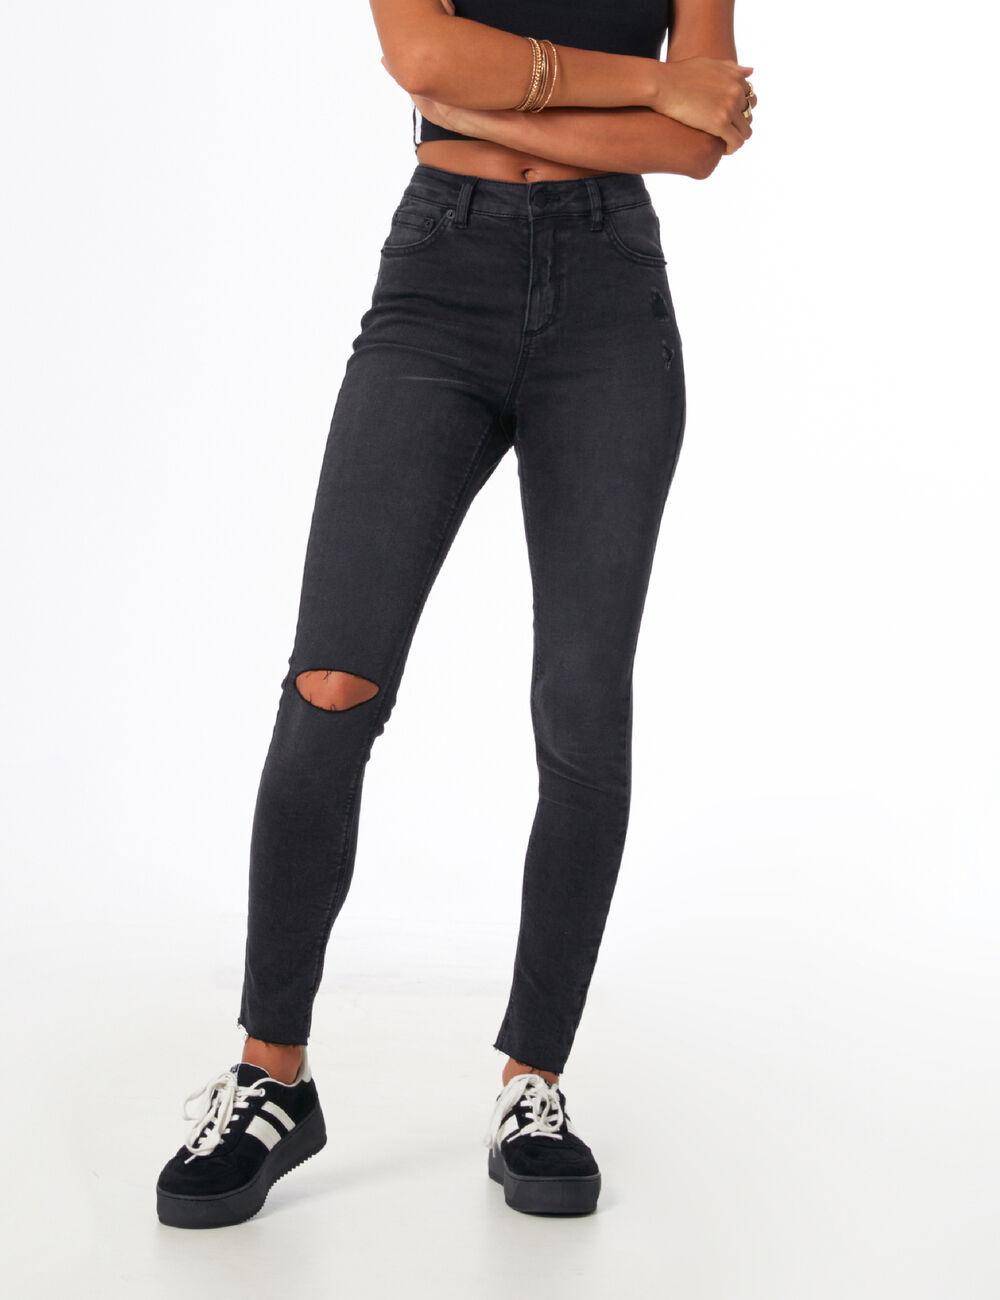 Jean Noir Taille Haute Femme : jean taille haute noir femme jennyfer ~ Pogadajmy.info Styles, Décorations et Voitures